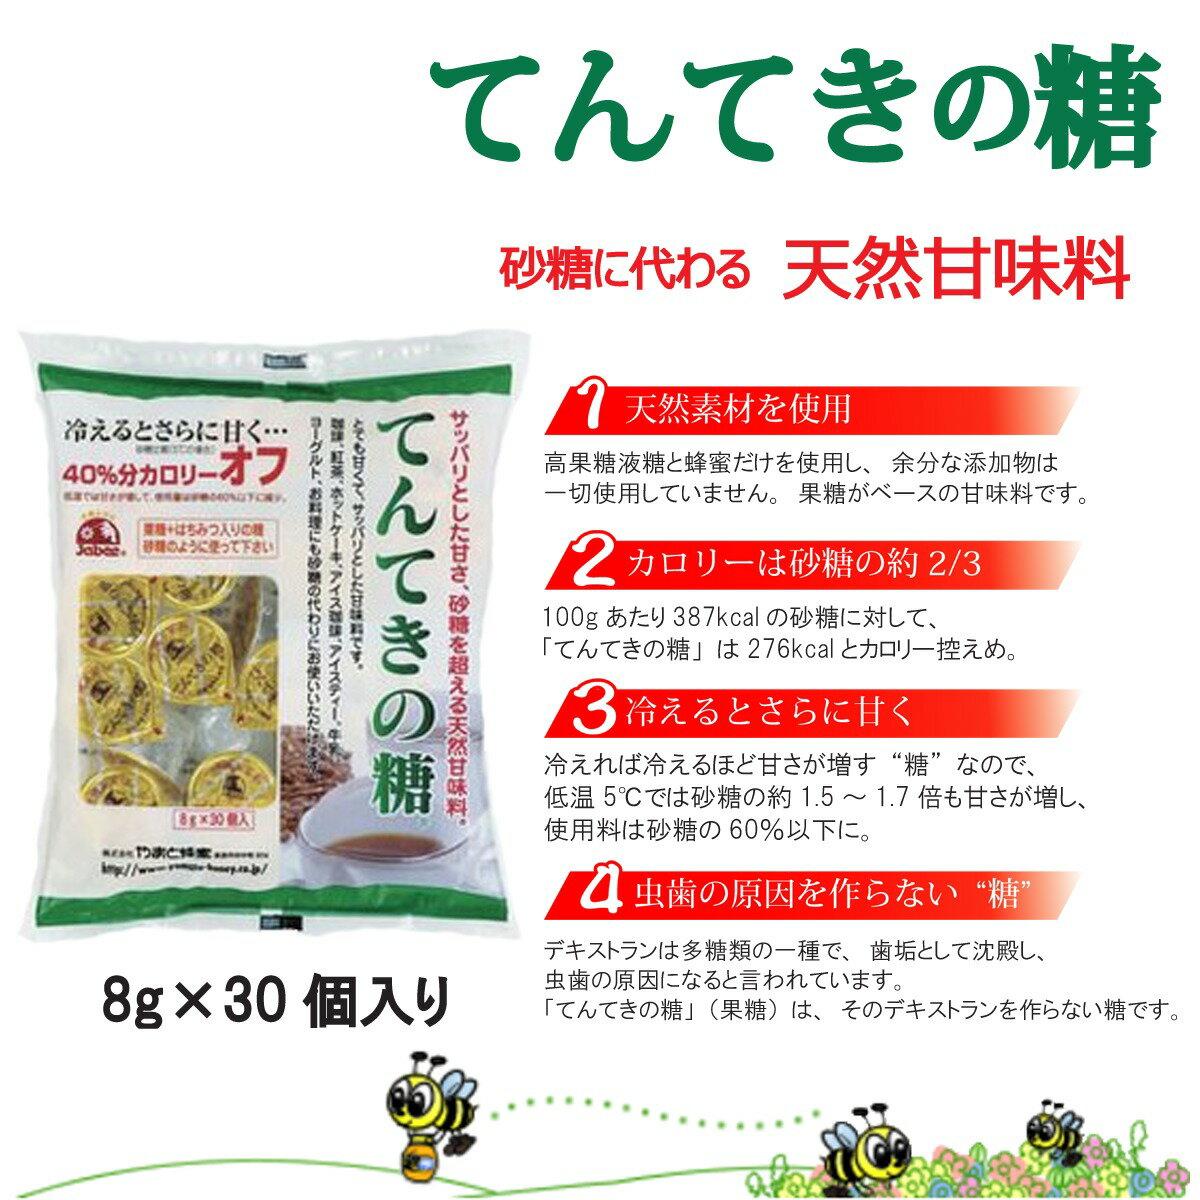 【やまと蜂蜜】てんてきの糖ポーション(80g×30個入り)